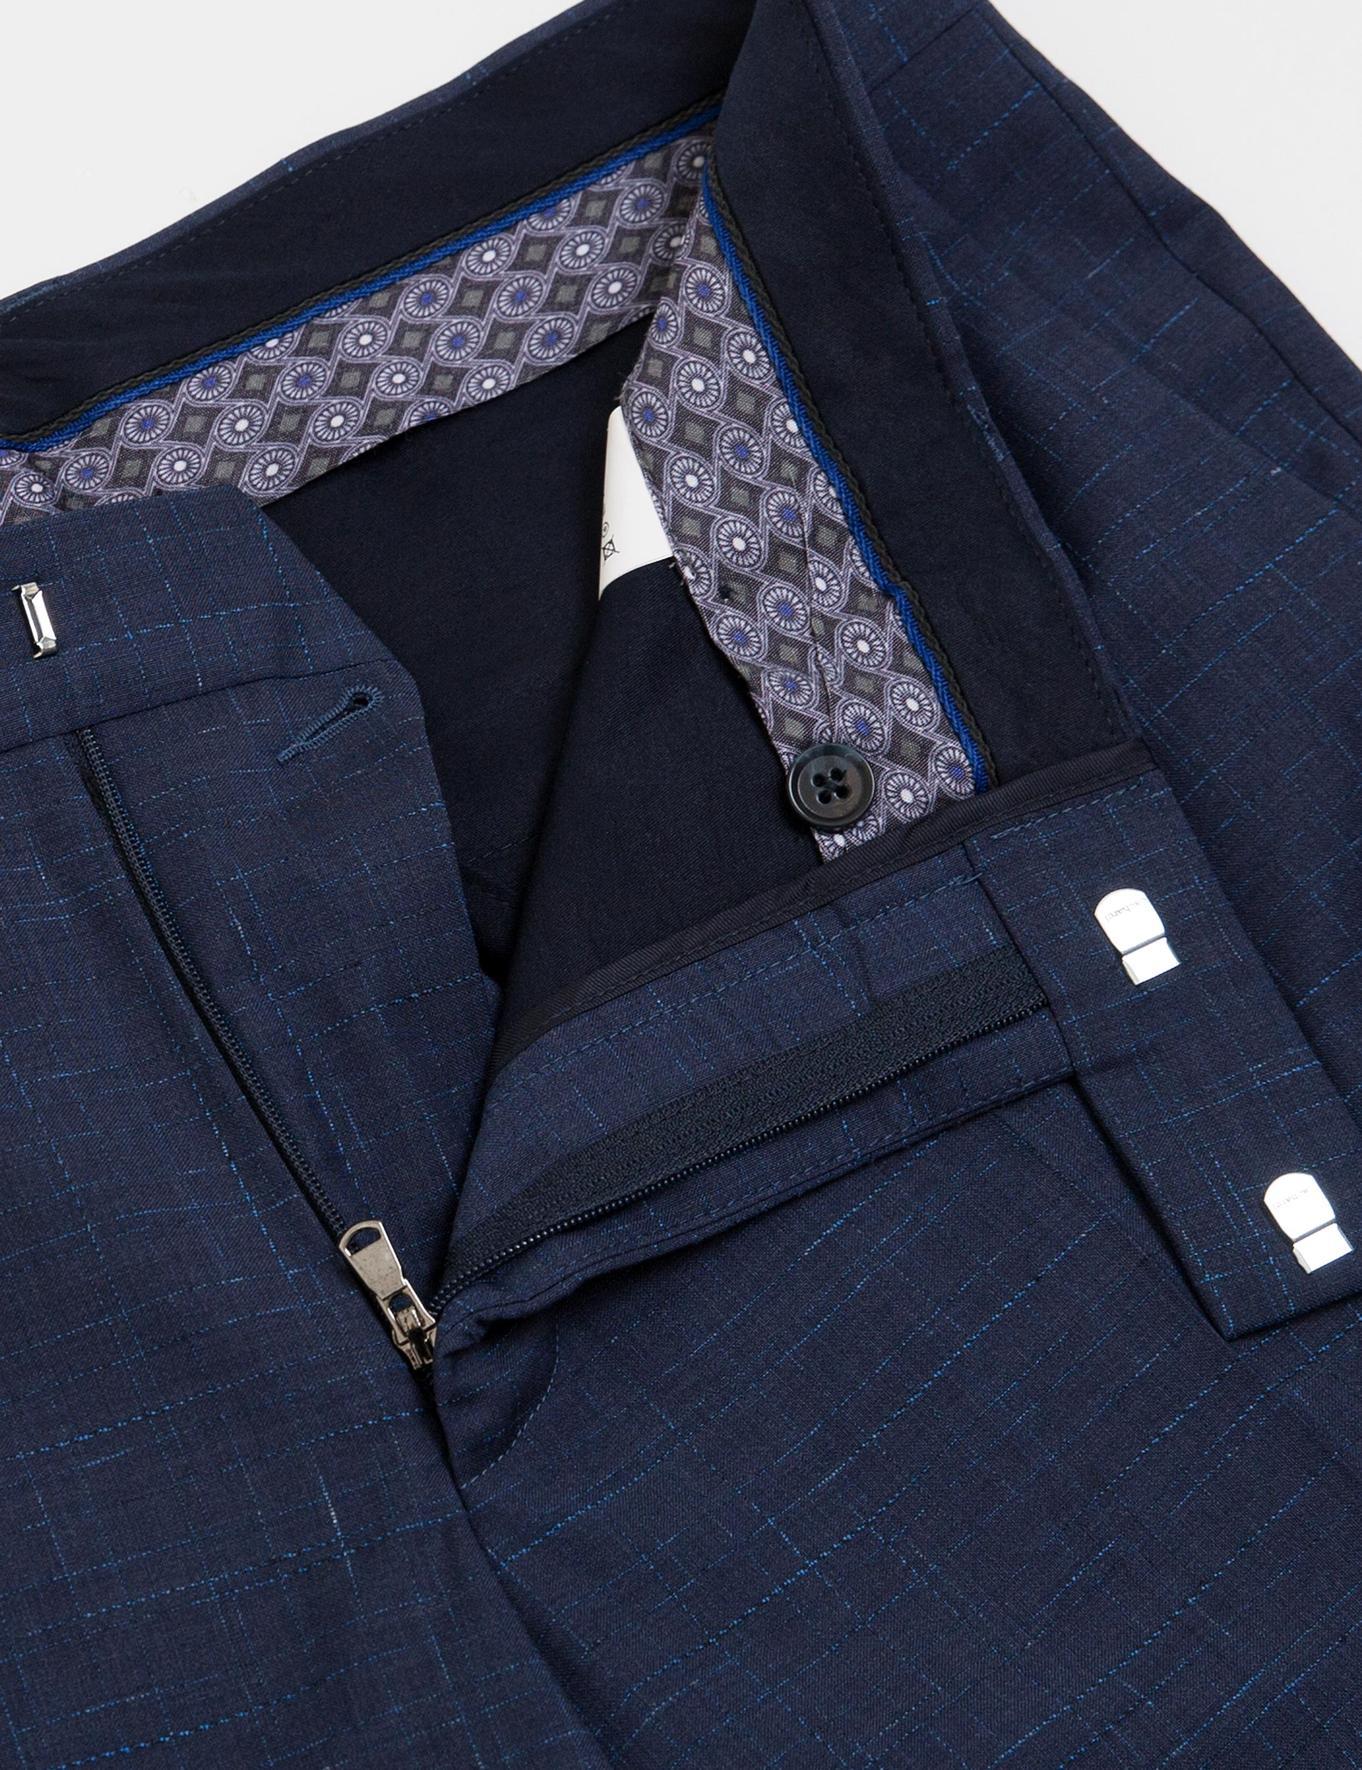 Lacivert Slim Fit Takım Elbise - 50185601006